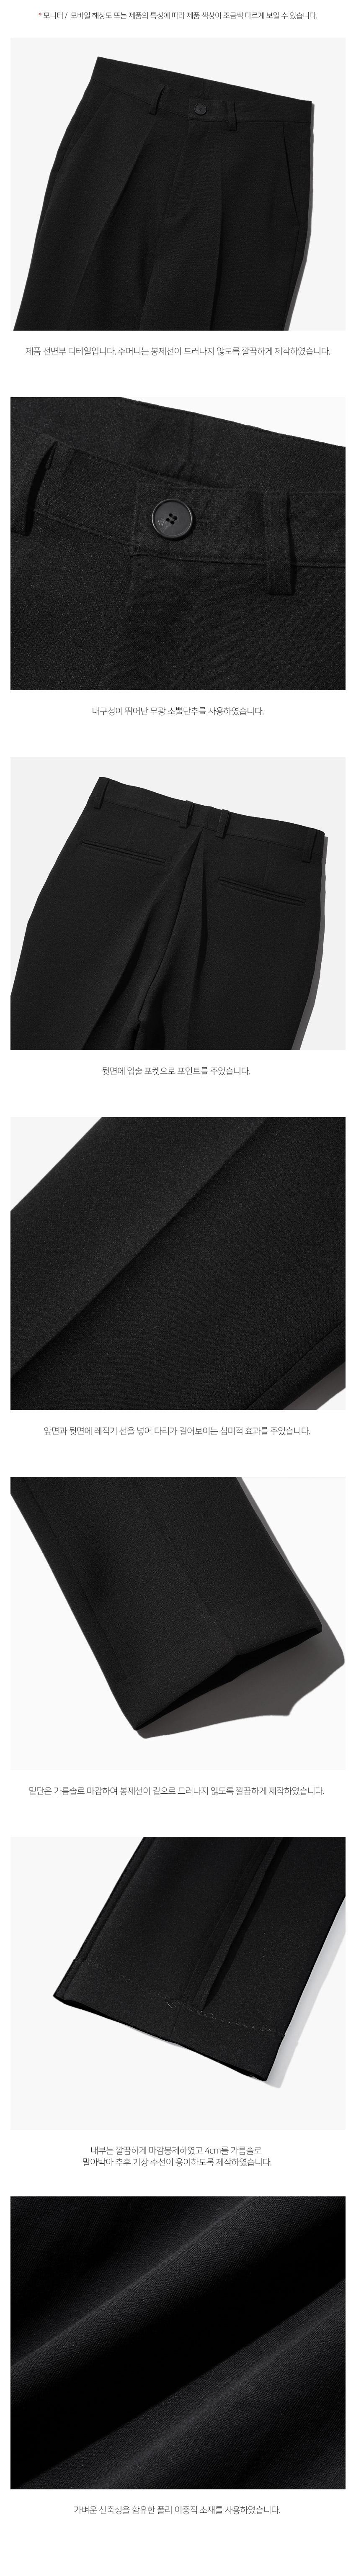 [페플] 베이직 슬랙스 2종 그레이 SJLP1245